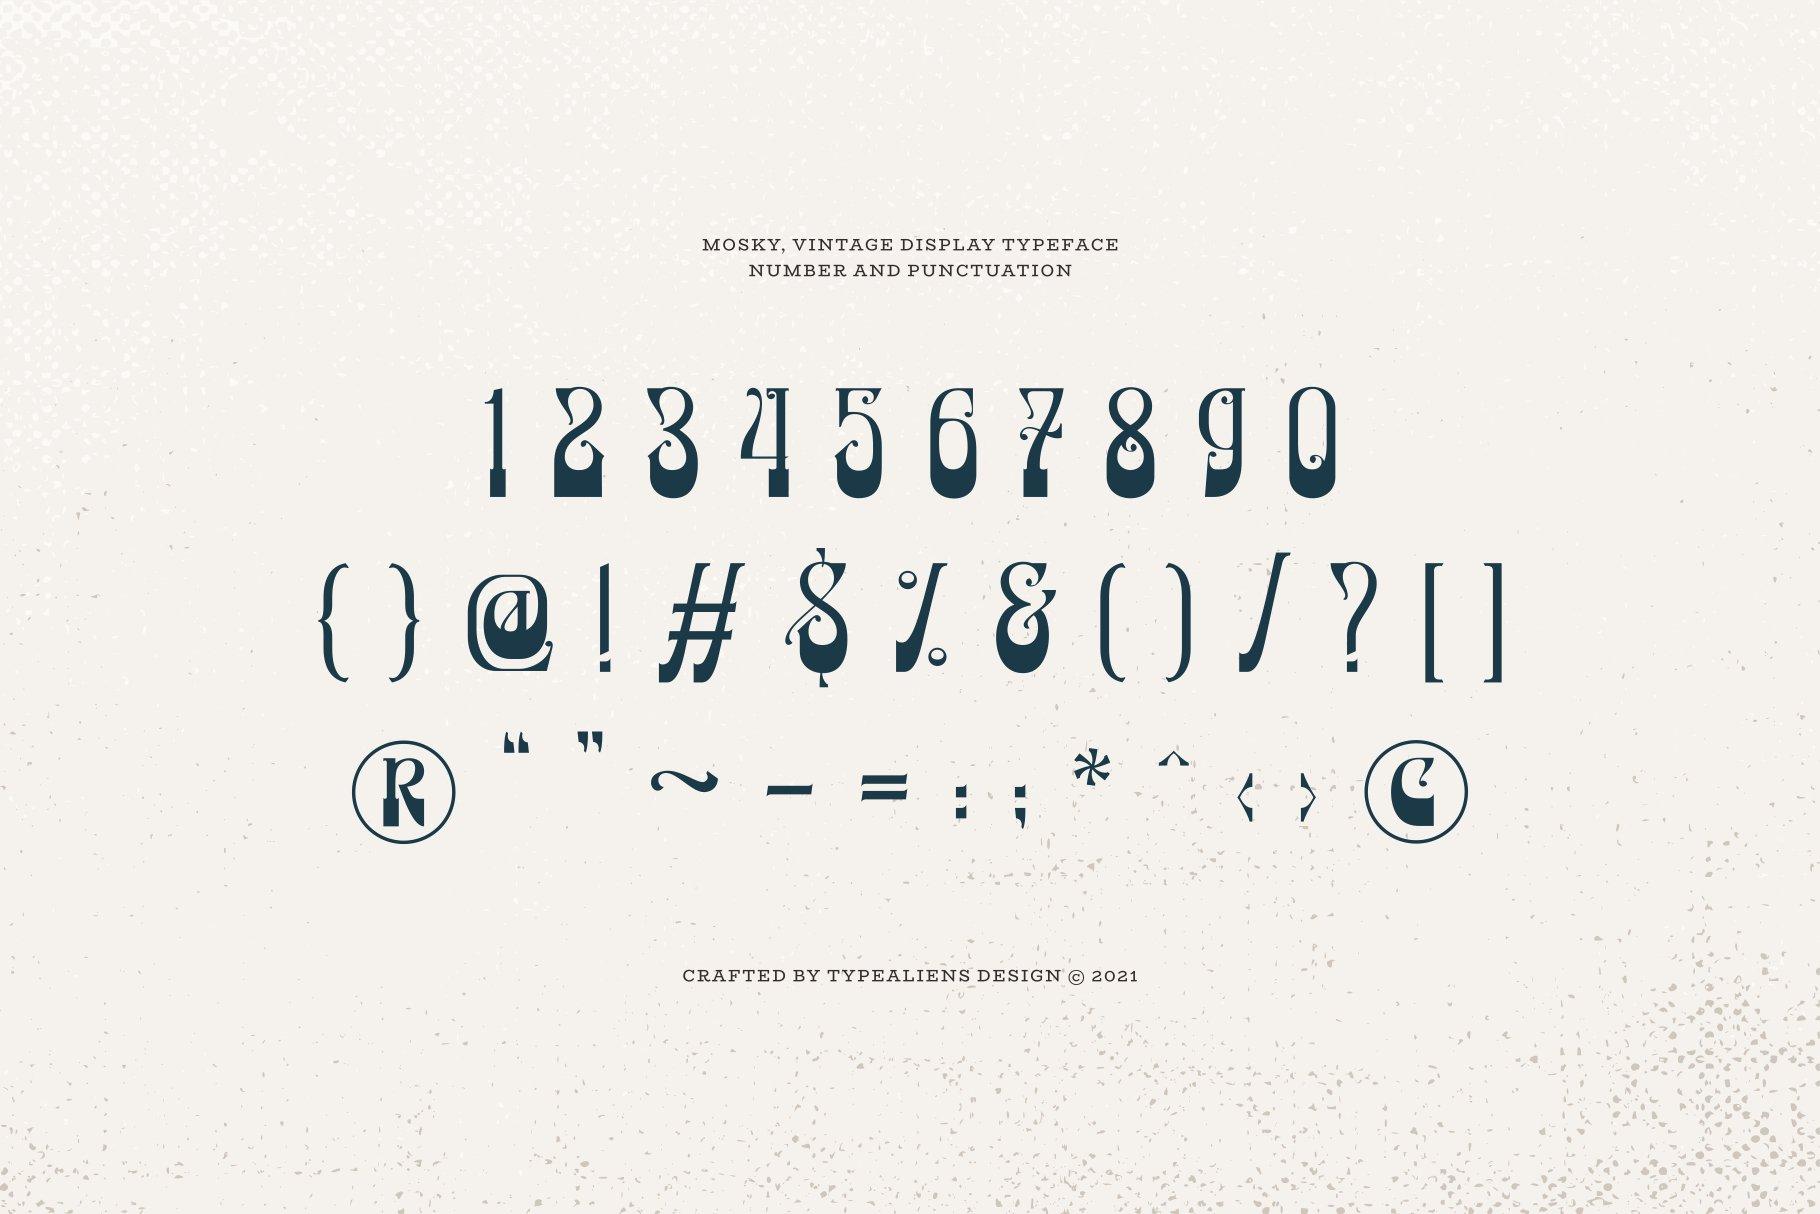 潮流复古逆反差酸性海报标题Logo衬线英文字体素材 Mosky Font插图7